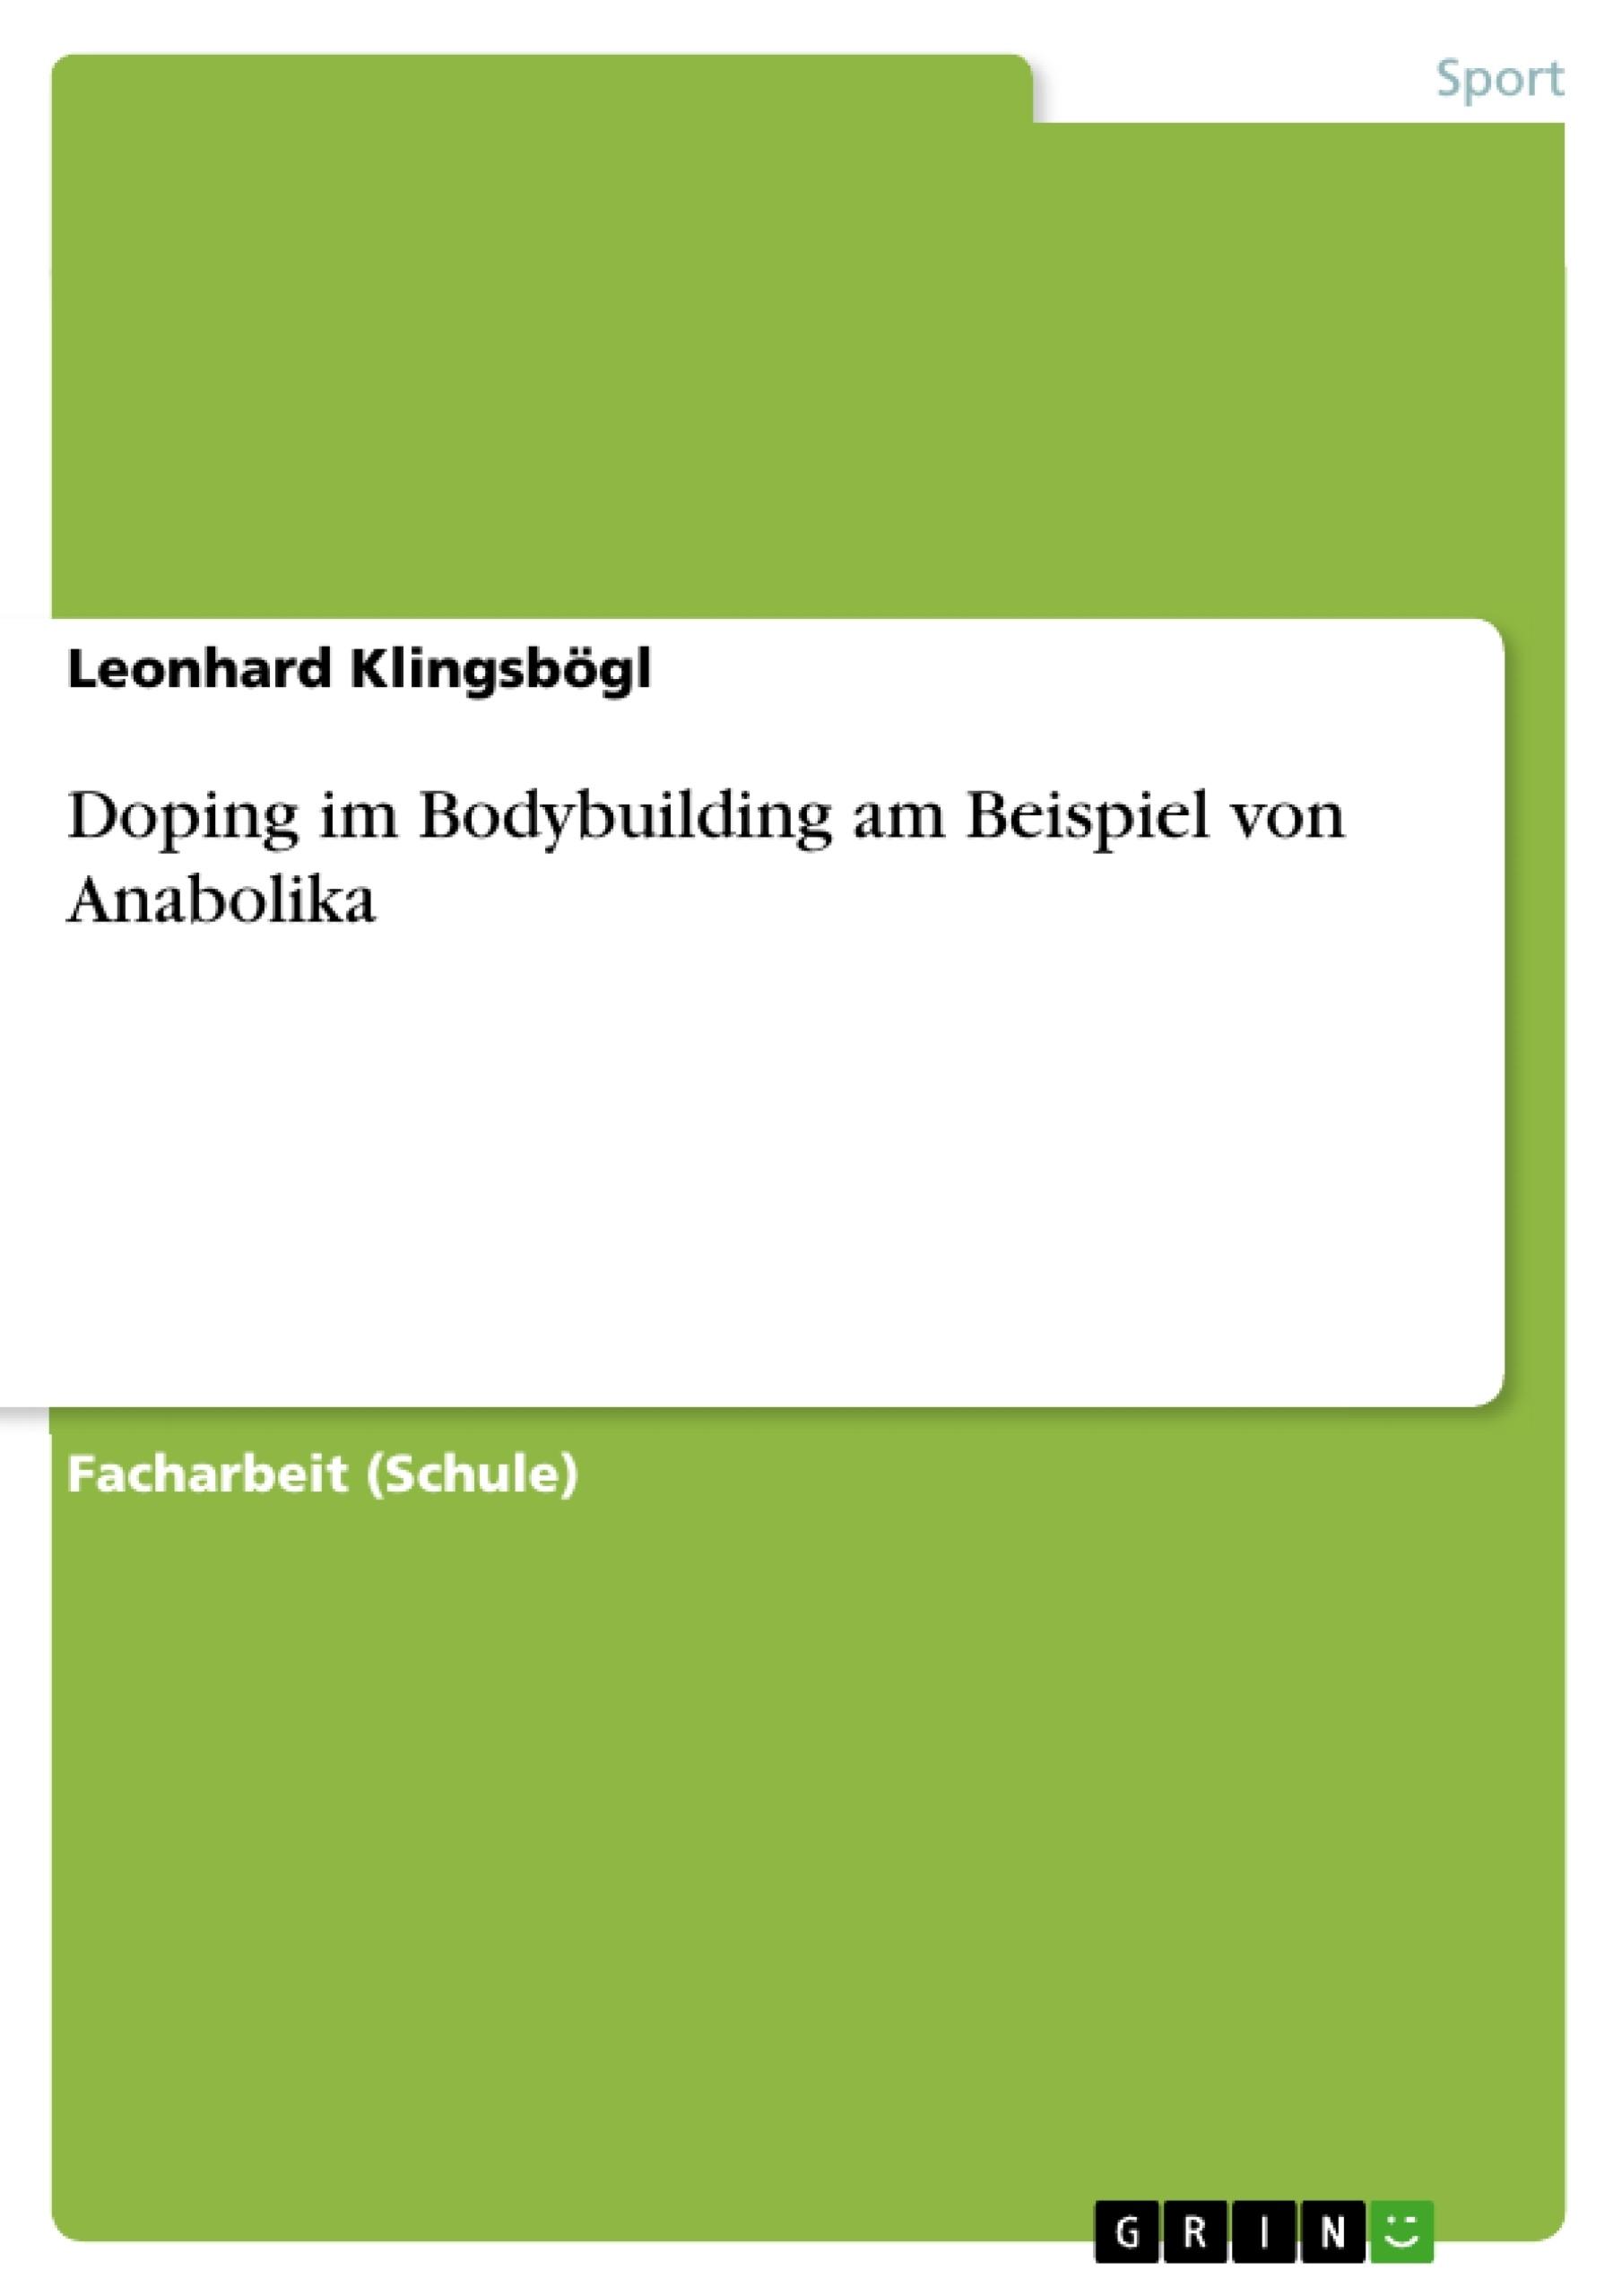 Titel: Doping im Bodybuilding am Beispiel von Anabolika